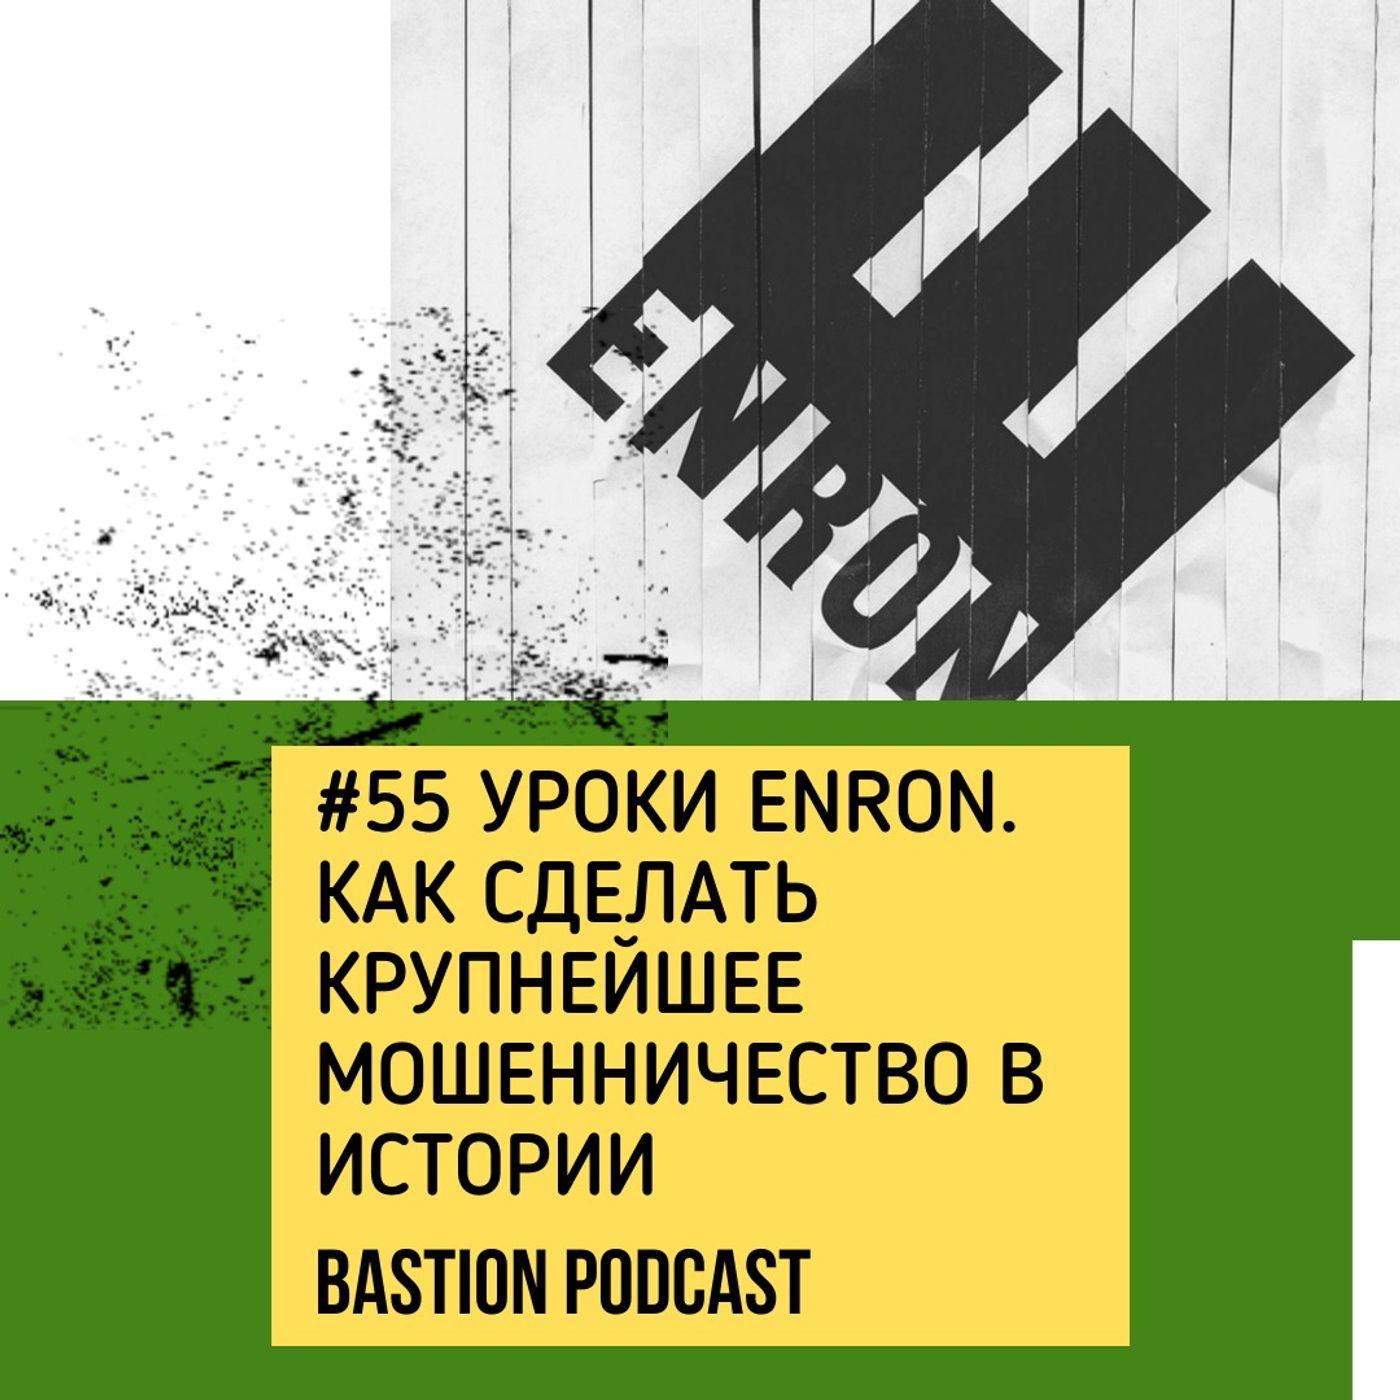 #55: Уроки Enron. Как сделать крупнейшее мошенничество в истории